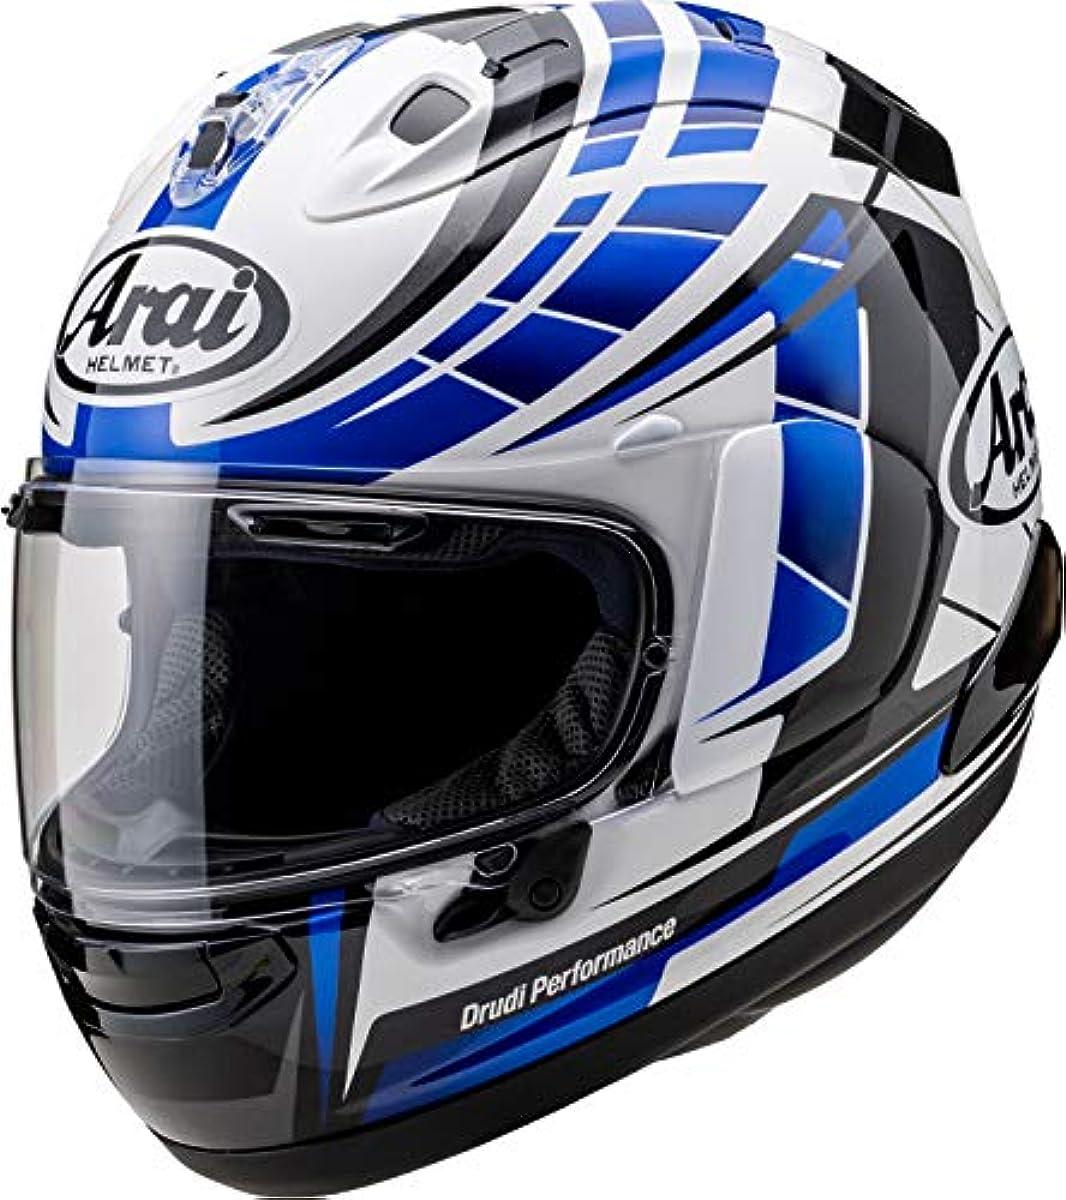 [해외] 아라이(ARAI 아라이 헬멧) 오토바이 헬멧 풀 페이스 RX-7X PLANET (플래닛) 블루 XS사이즈 54CM -